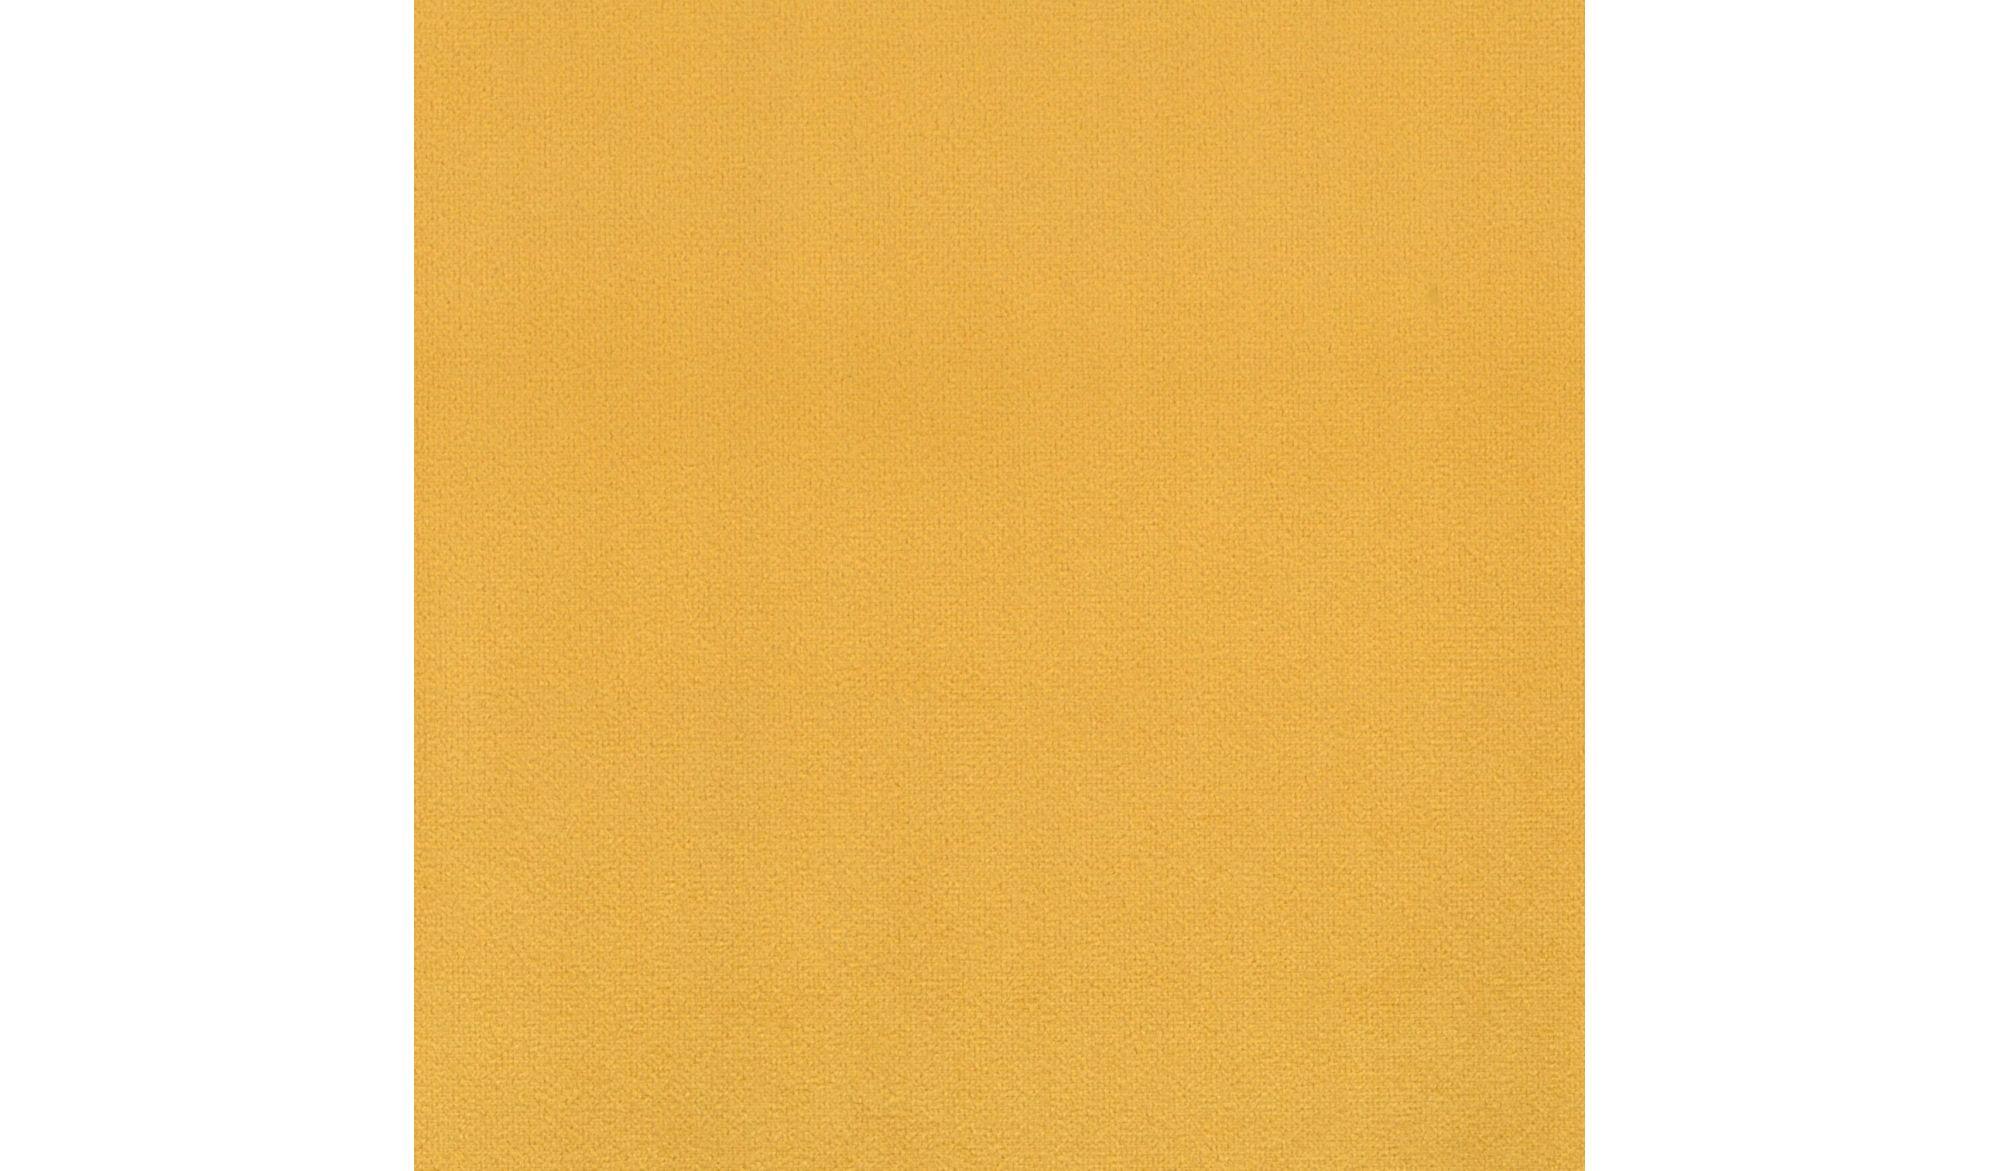 SCOT Sunflower-14